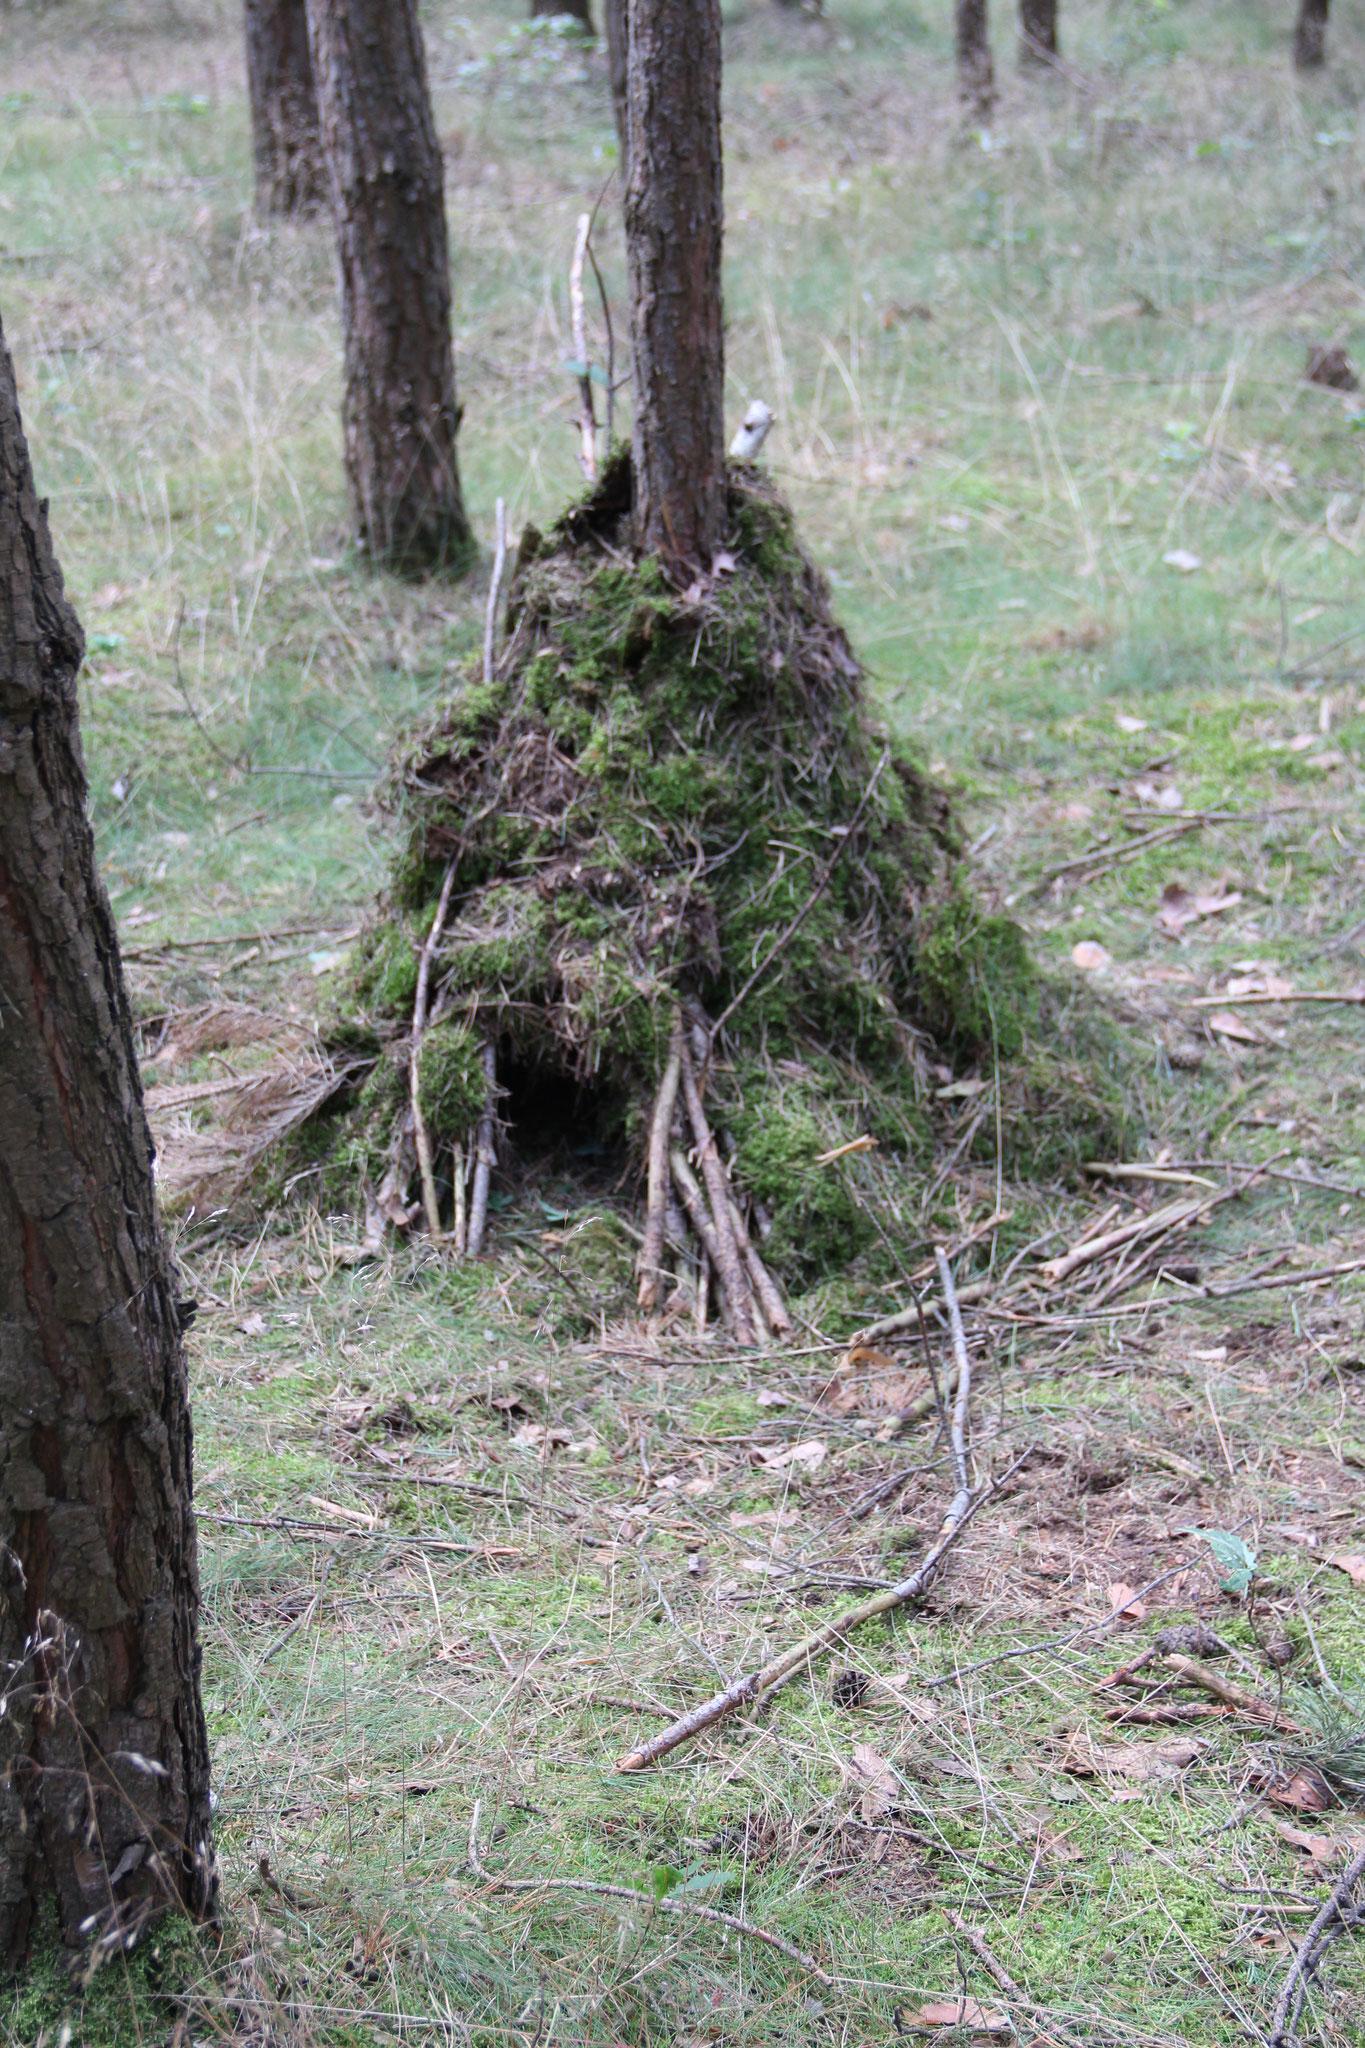 Hier seht ihr eine Igelferienwohnung. Ob da wohl ein Igel drin Wohnt?